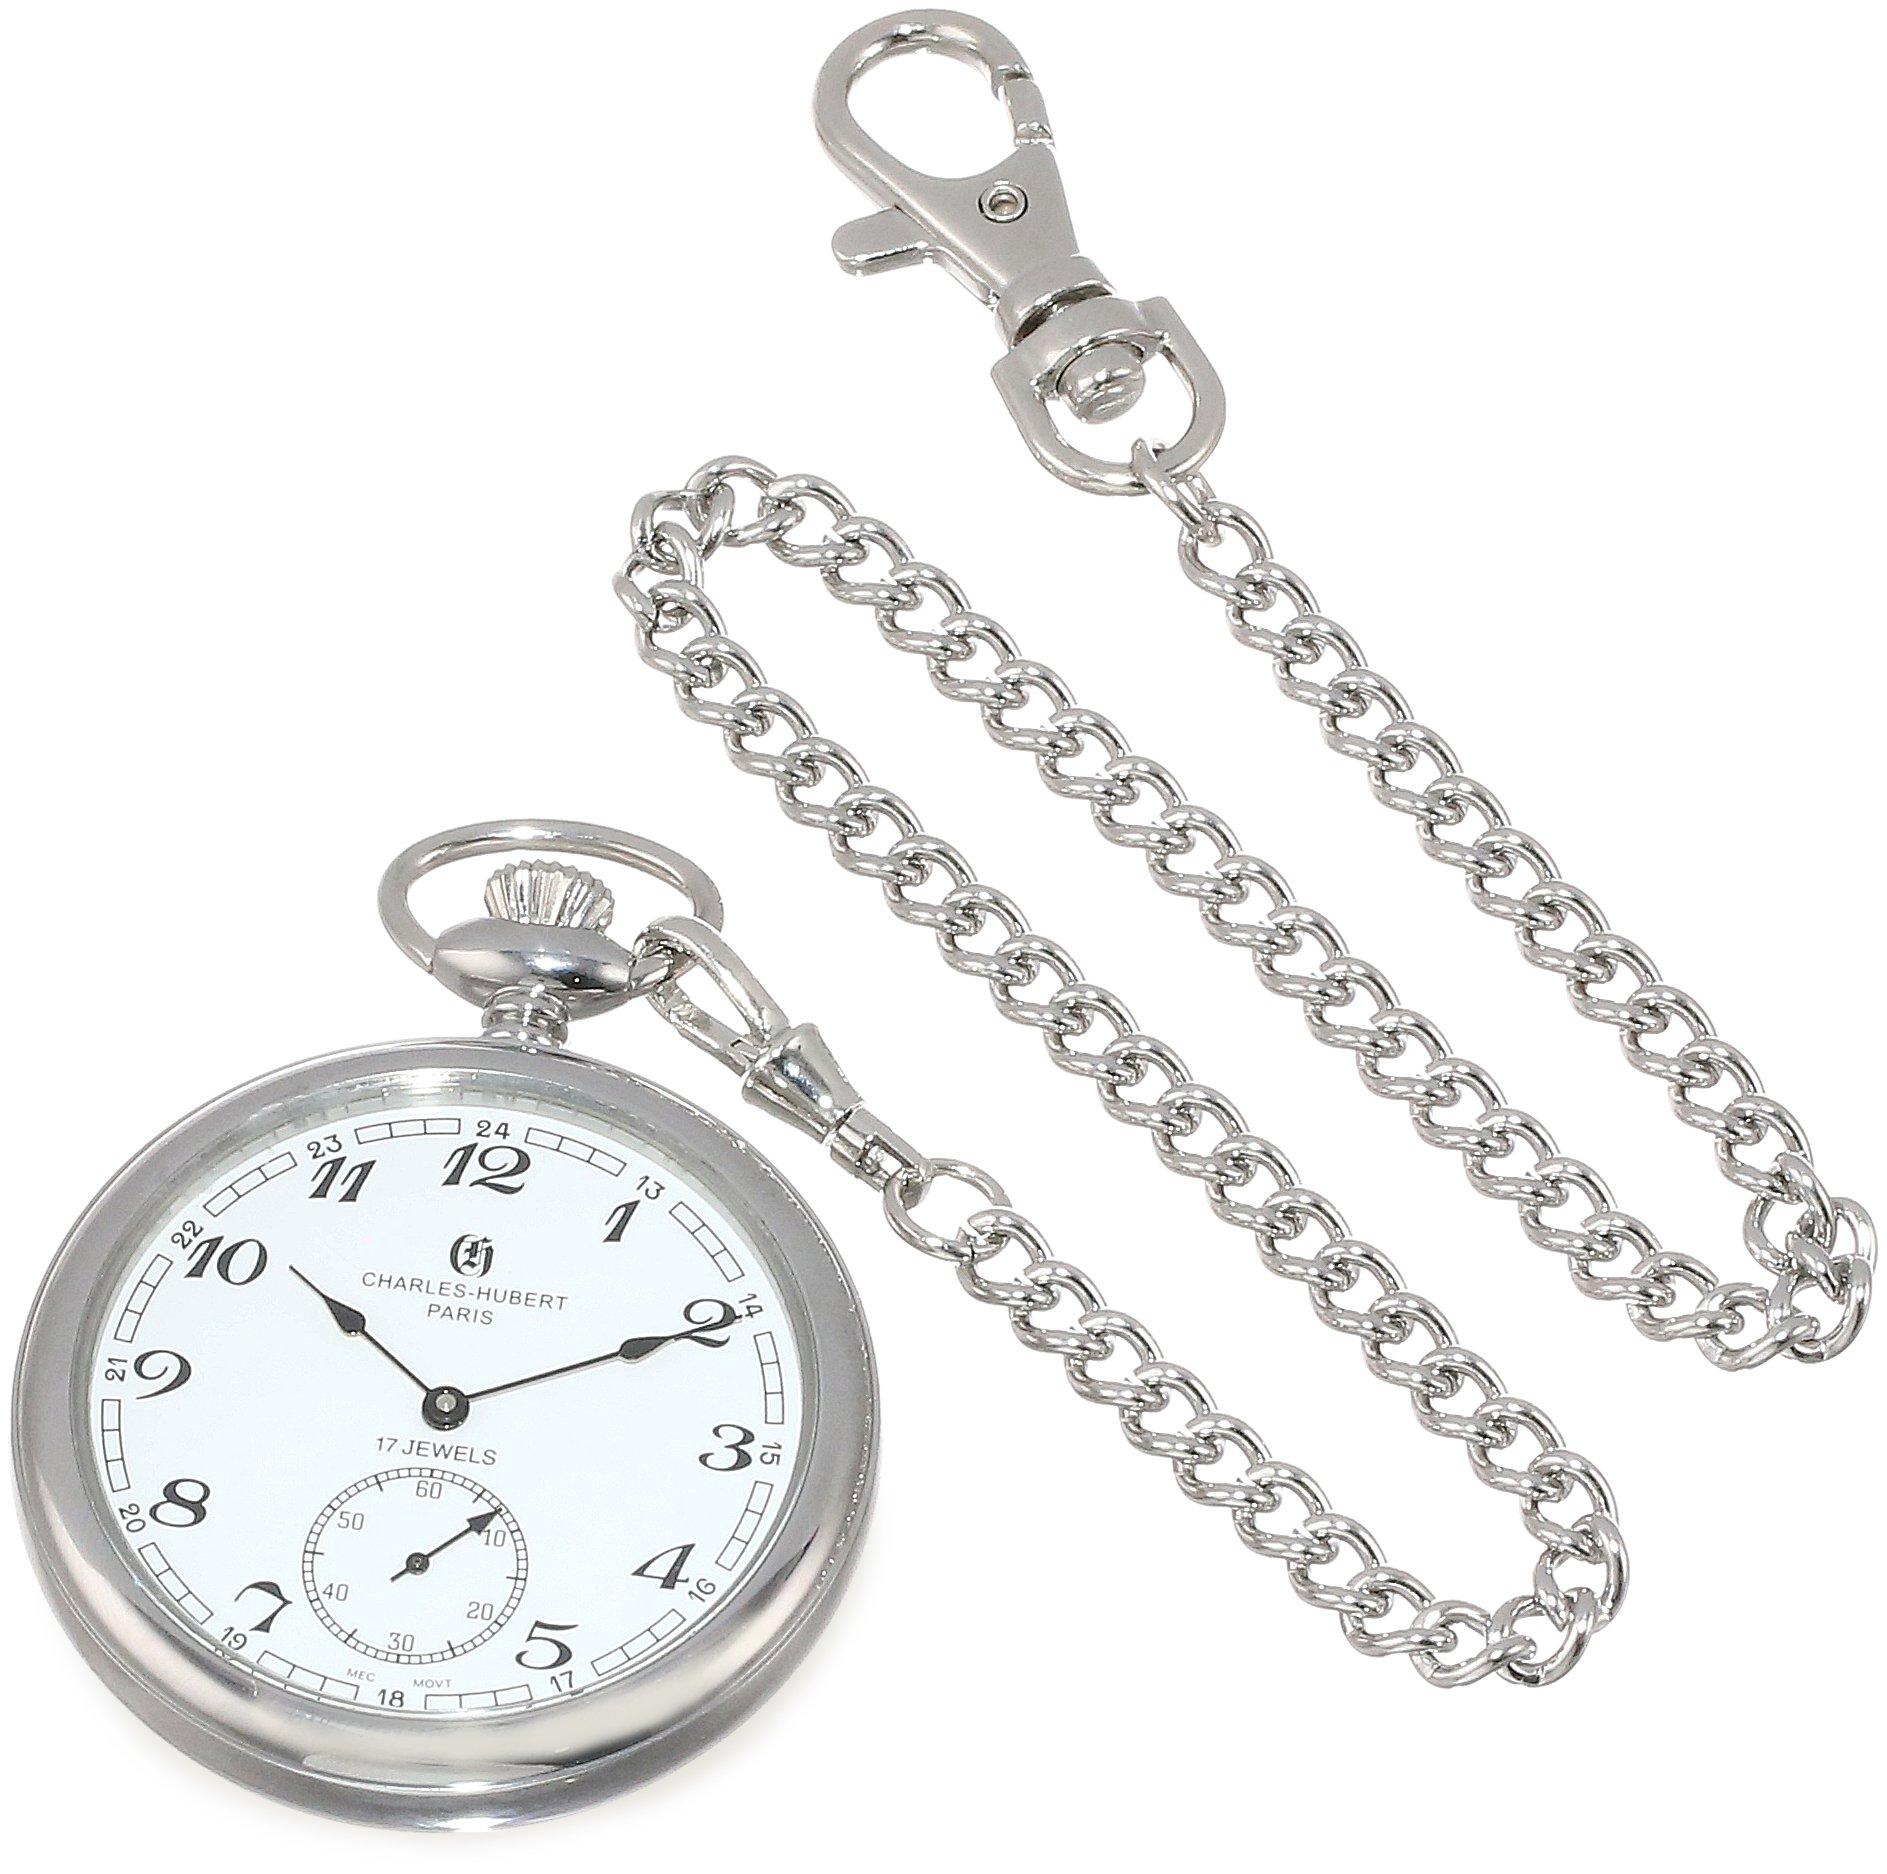 Charles-Hubert, Paris Open Face Mechanical Pocket Watch